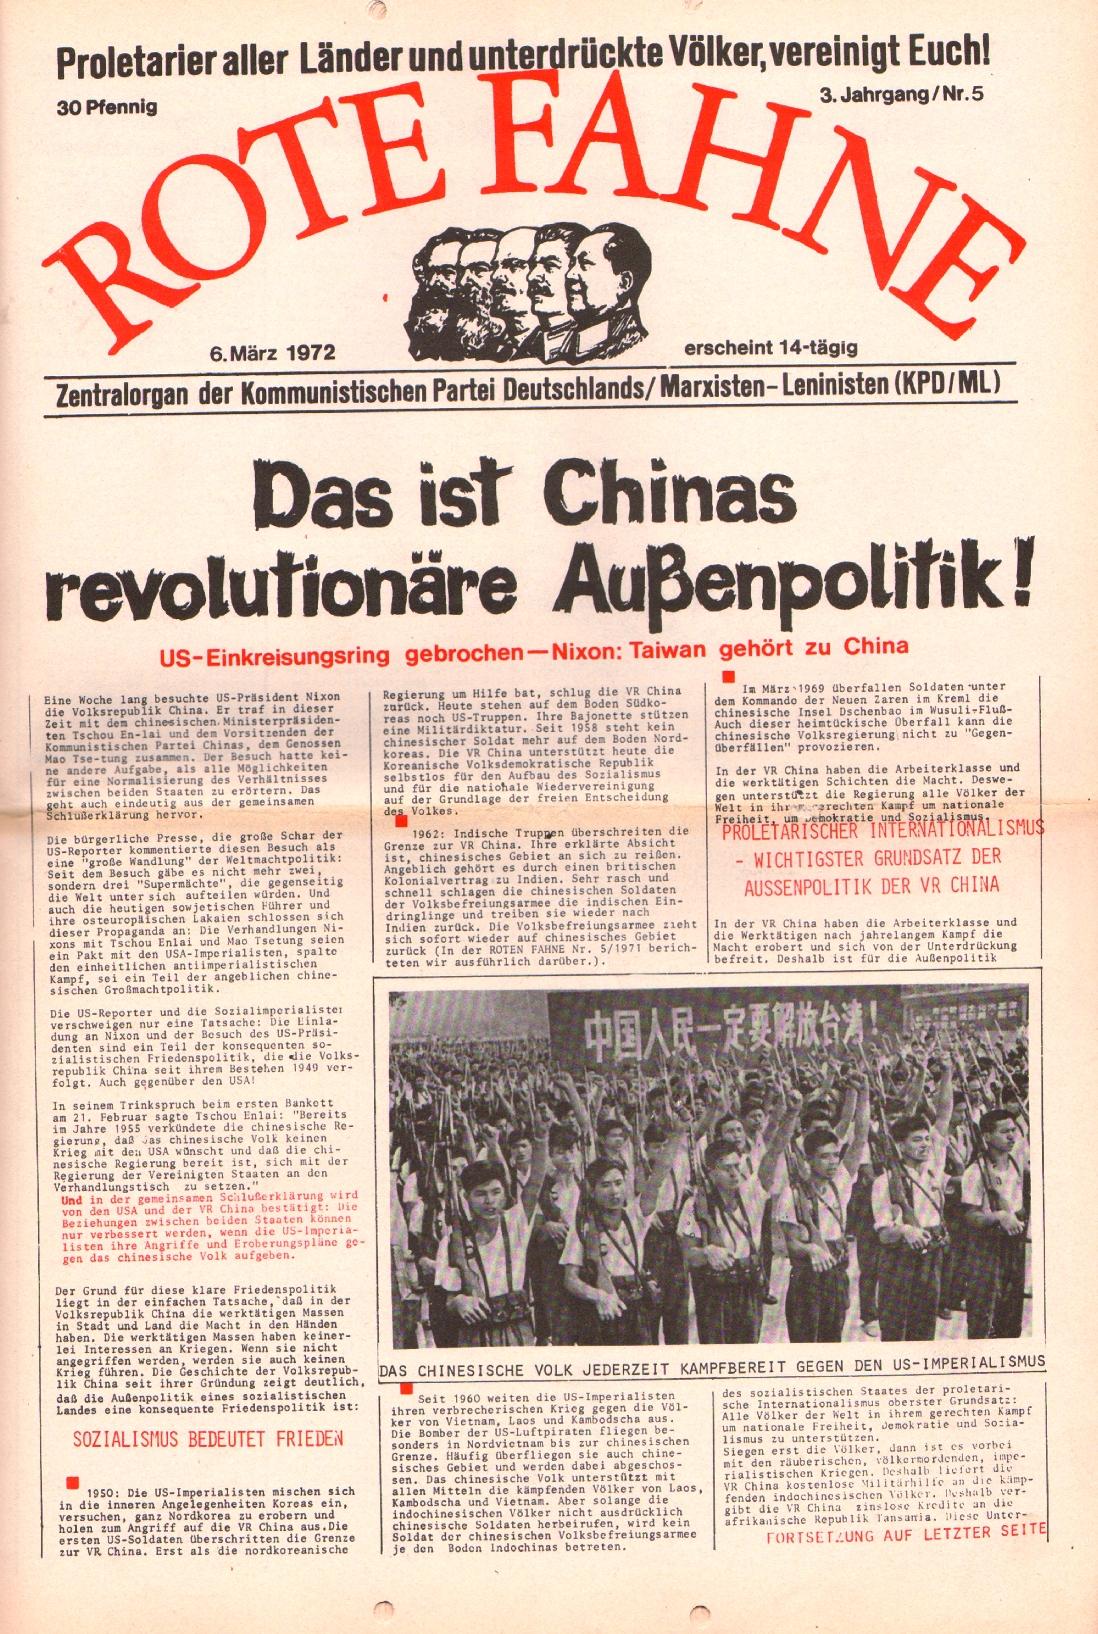 Rote Fahne, 3. Jg., 6.3.1972, Nr. 5, Seite 1